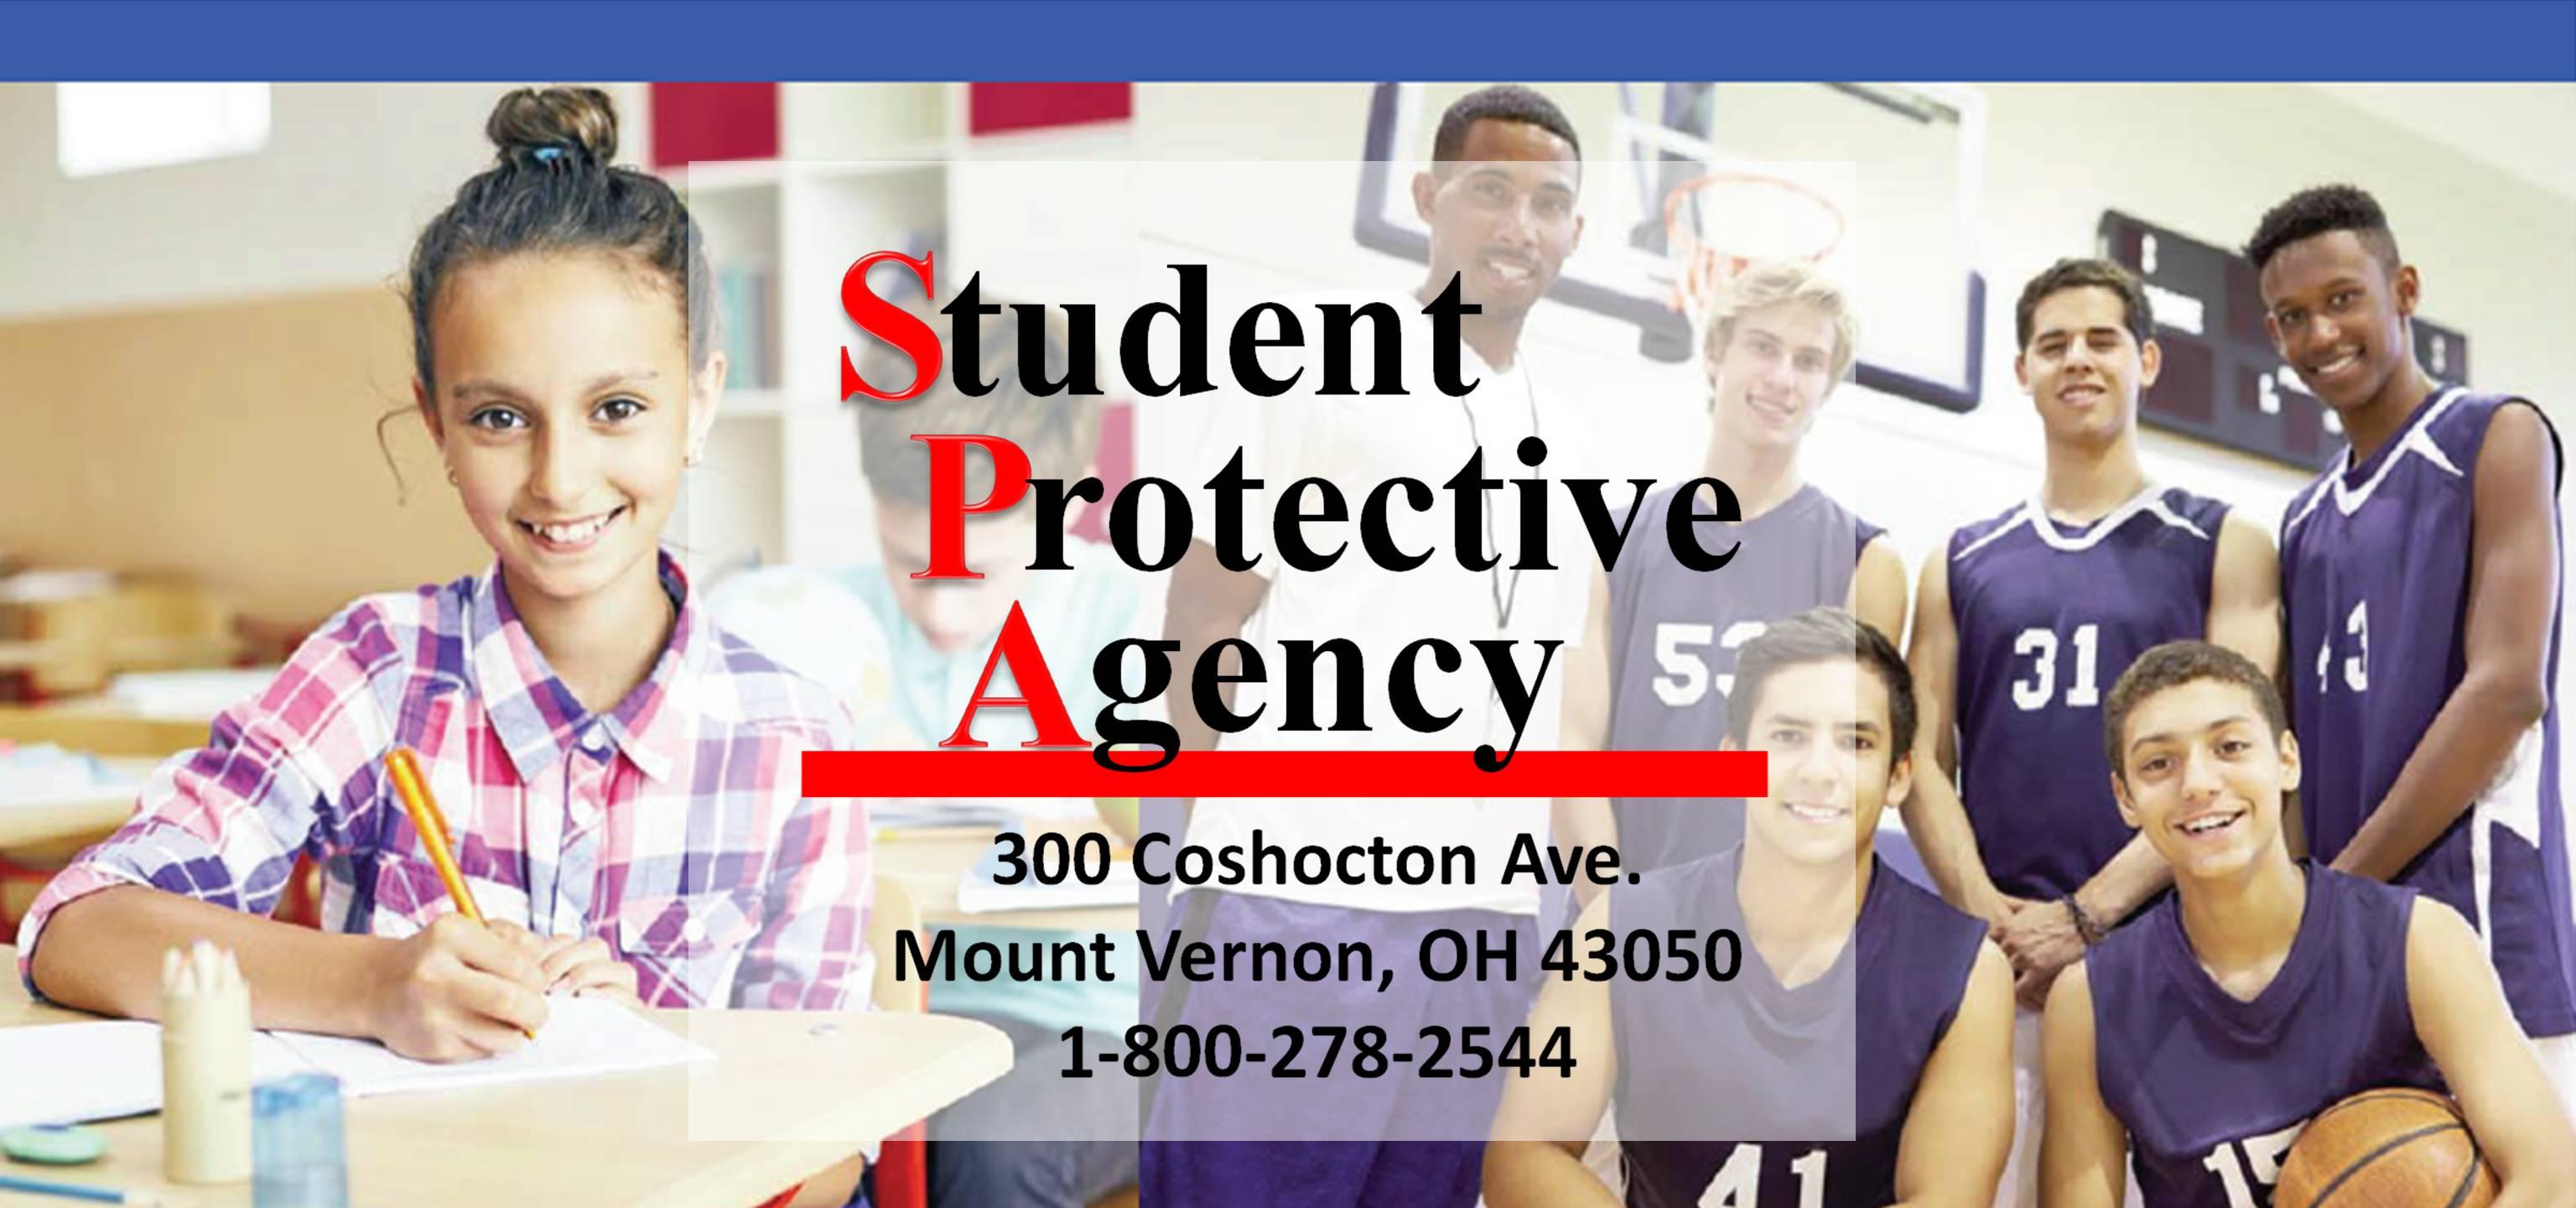 http://studentprotective.com/wp-content/uploads/2017/06/Slide6.jpg